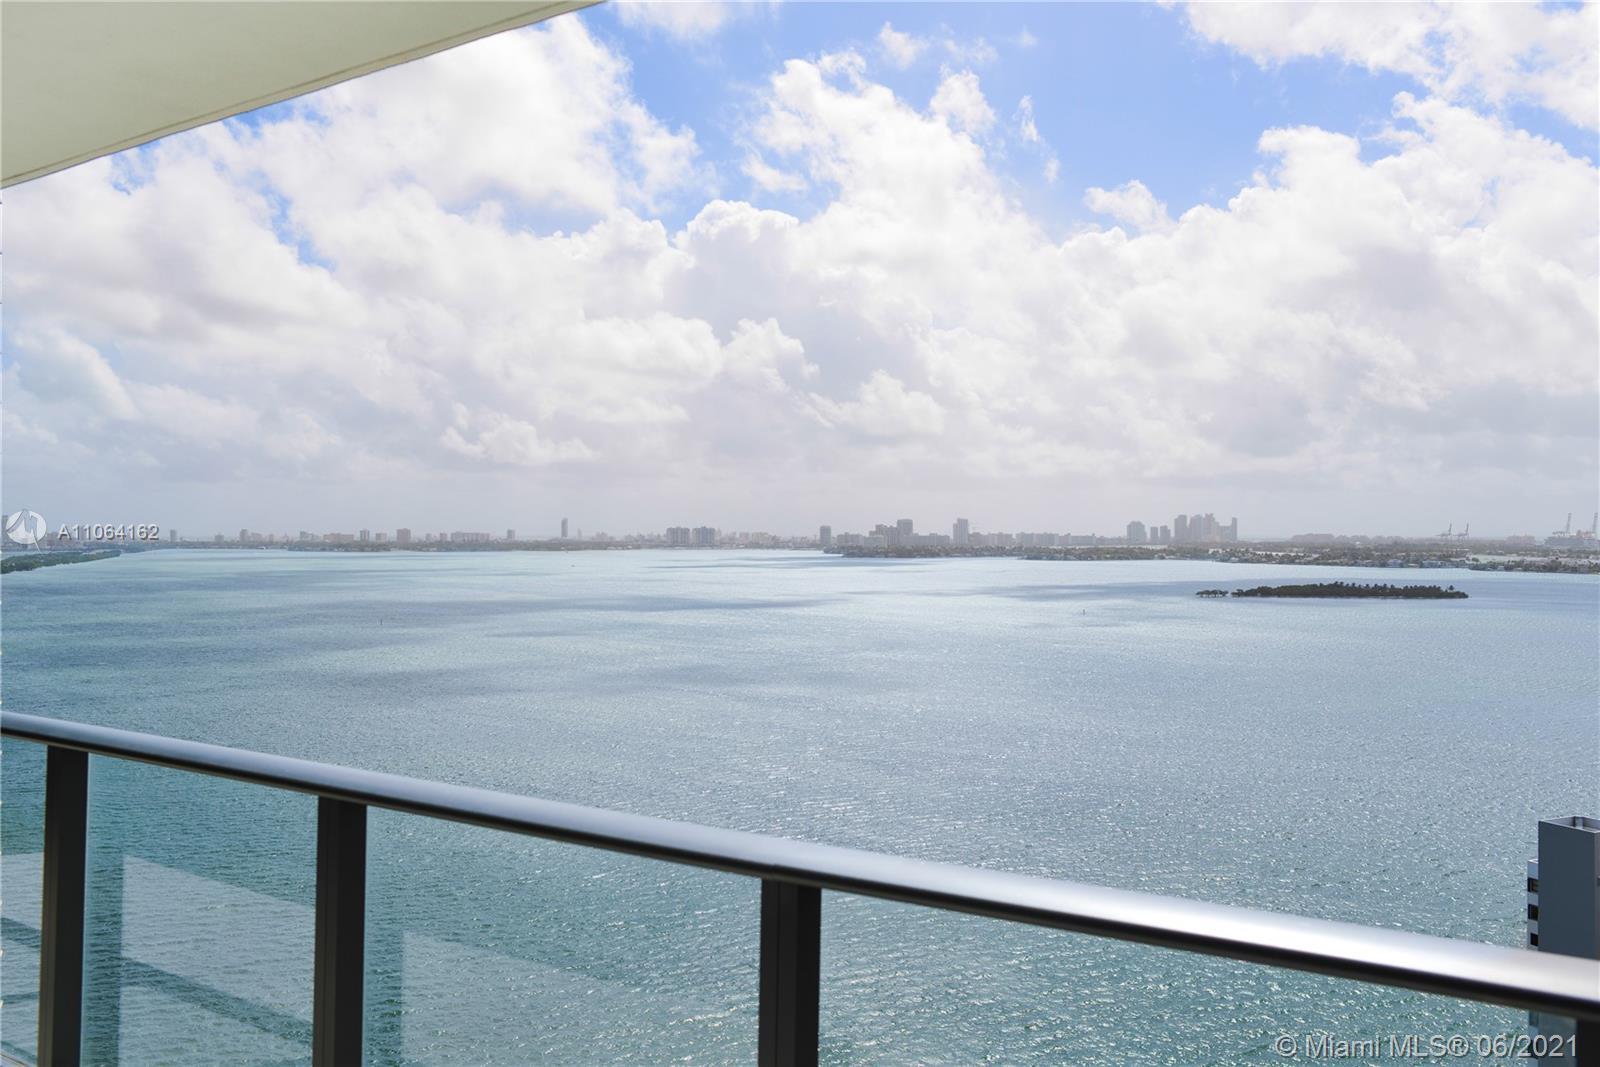 Paraiso Bay #2104 - 02 - photo